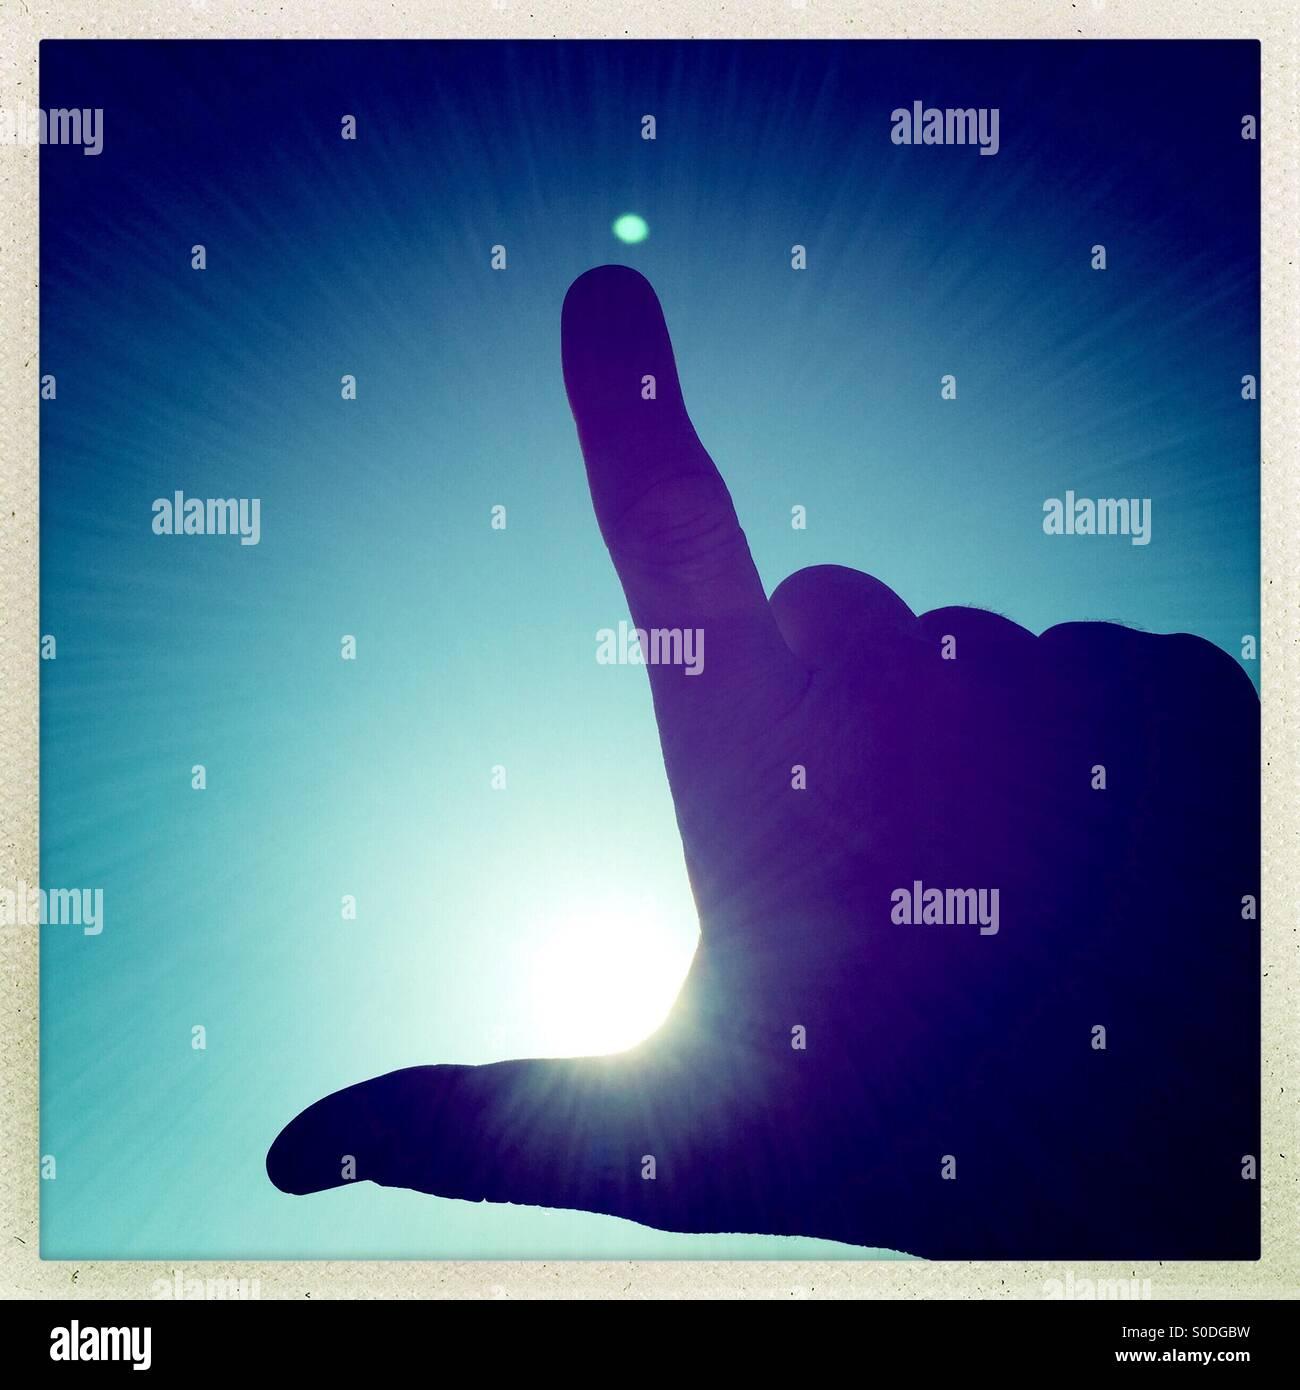 Silueta de pulgar y el dedo índice apuntando hacia el sol Imagen De Stock